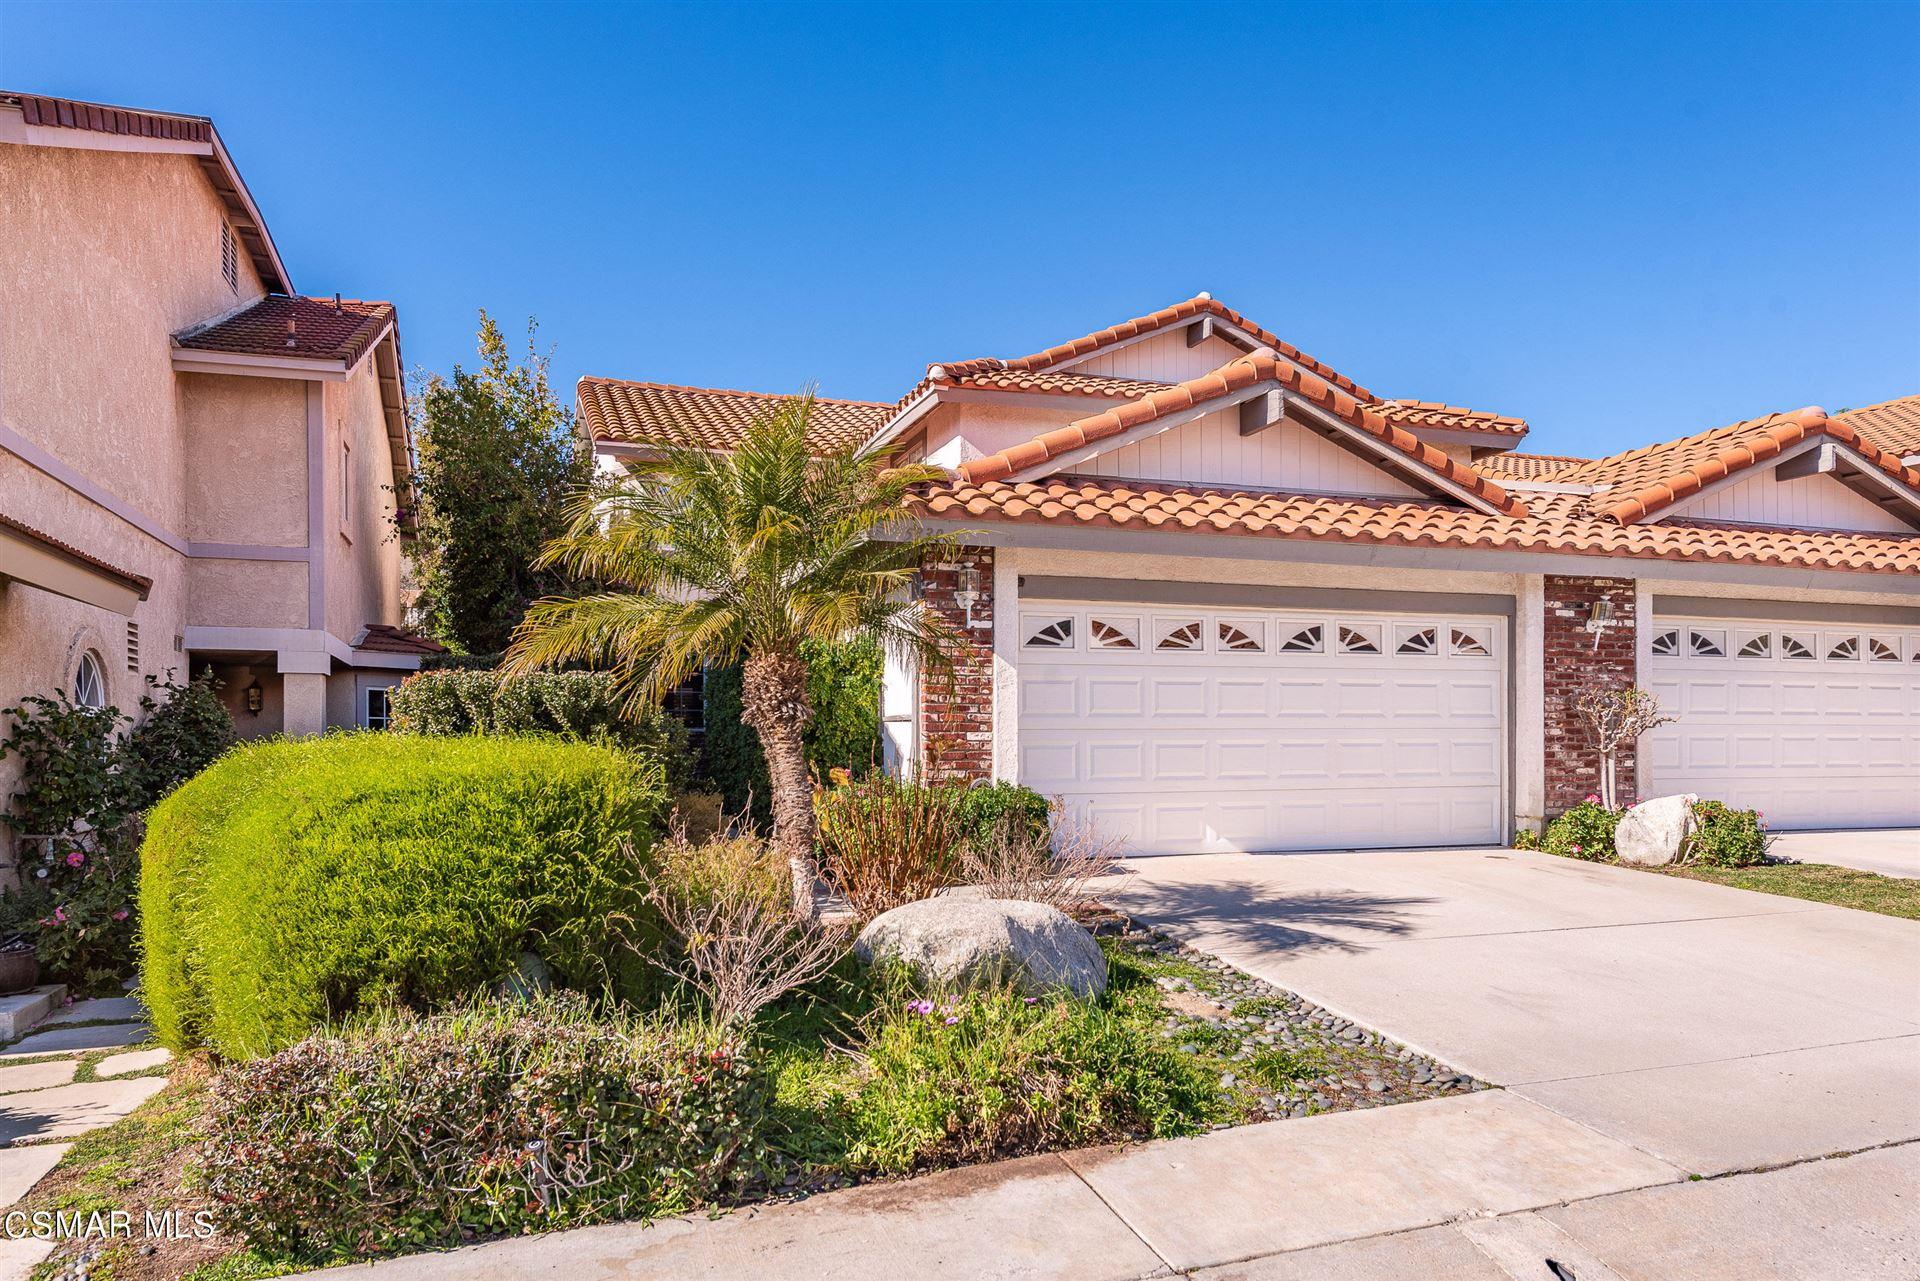 5339 Francisca Way, Agoura Hills, CA 91301 - MLS#: 221000222